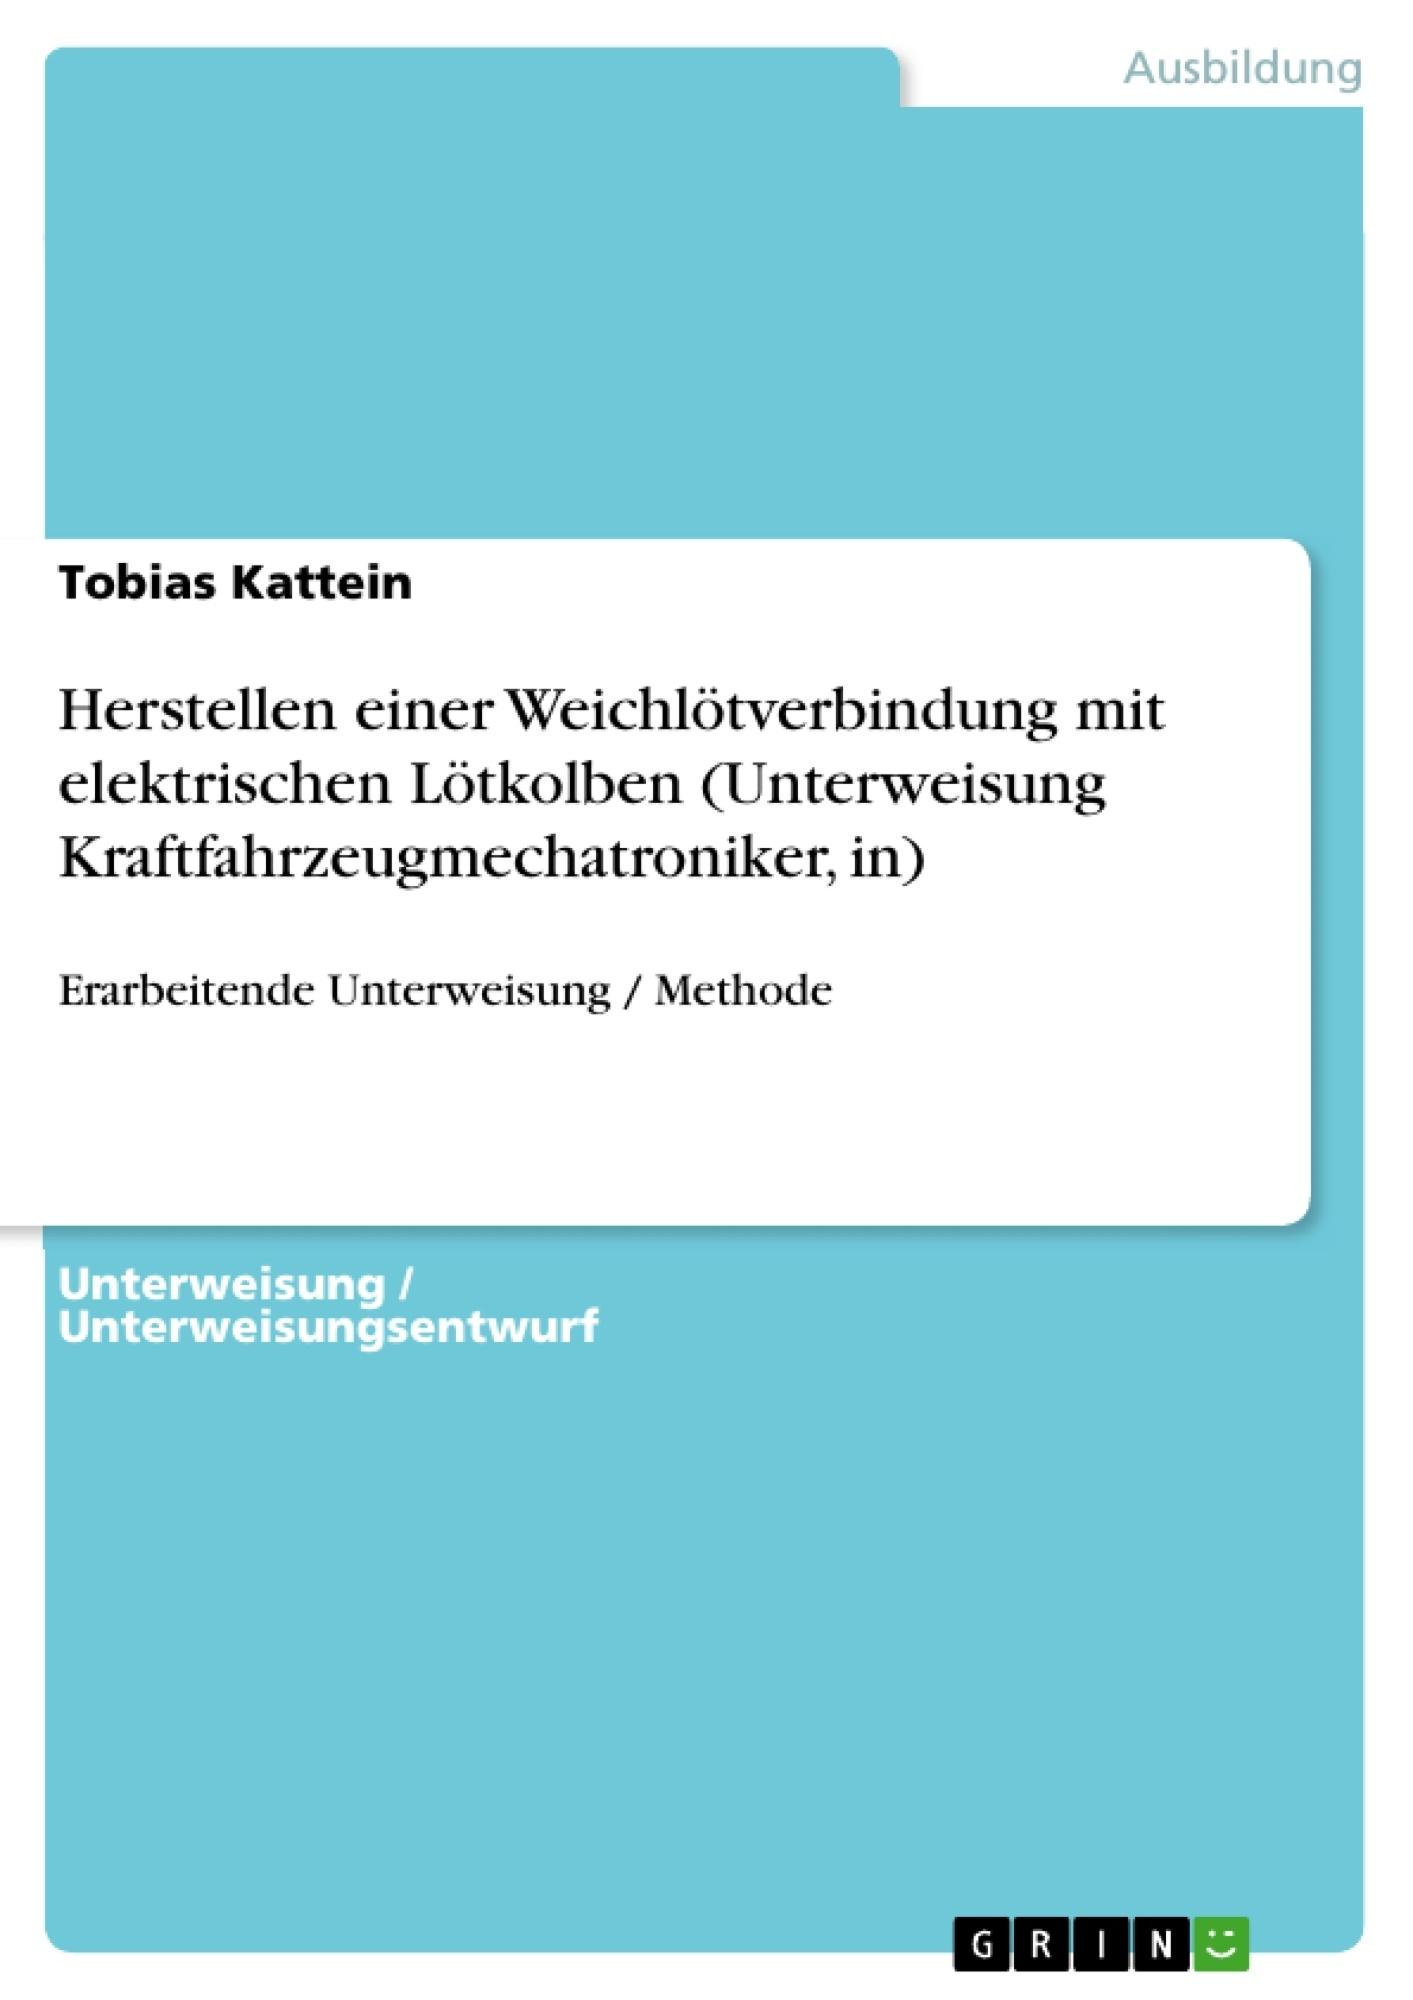 Titel: Herstellen einer Weichlötverbindung mit elektrischen Lötkolben (Unterweisung Kraftfahrzeugmechatroniker, in)